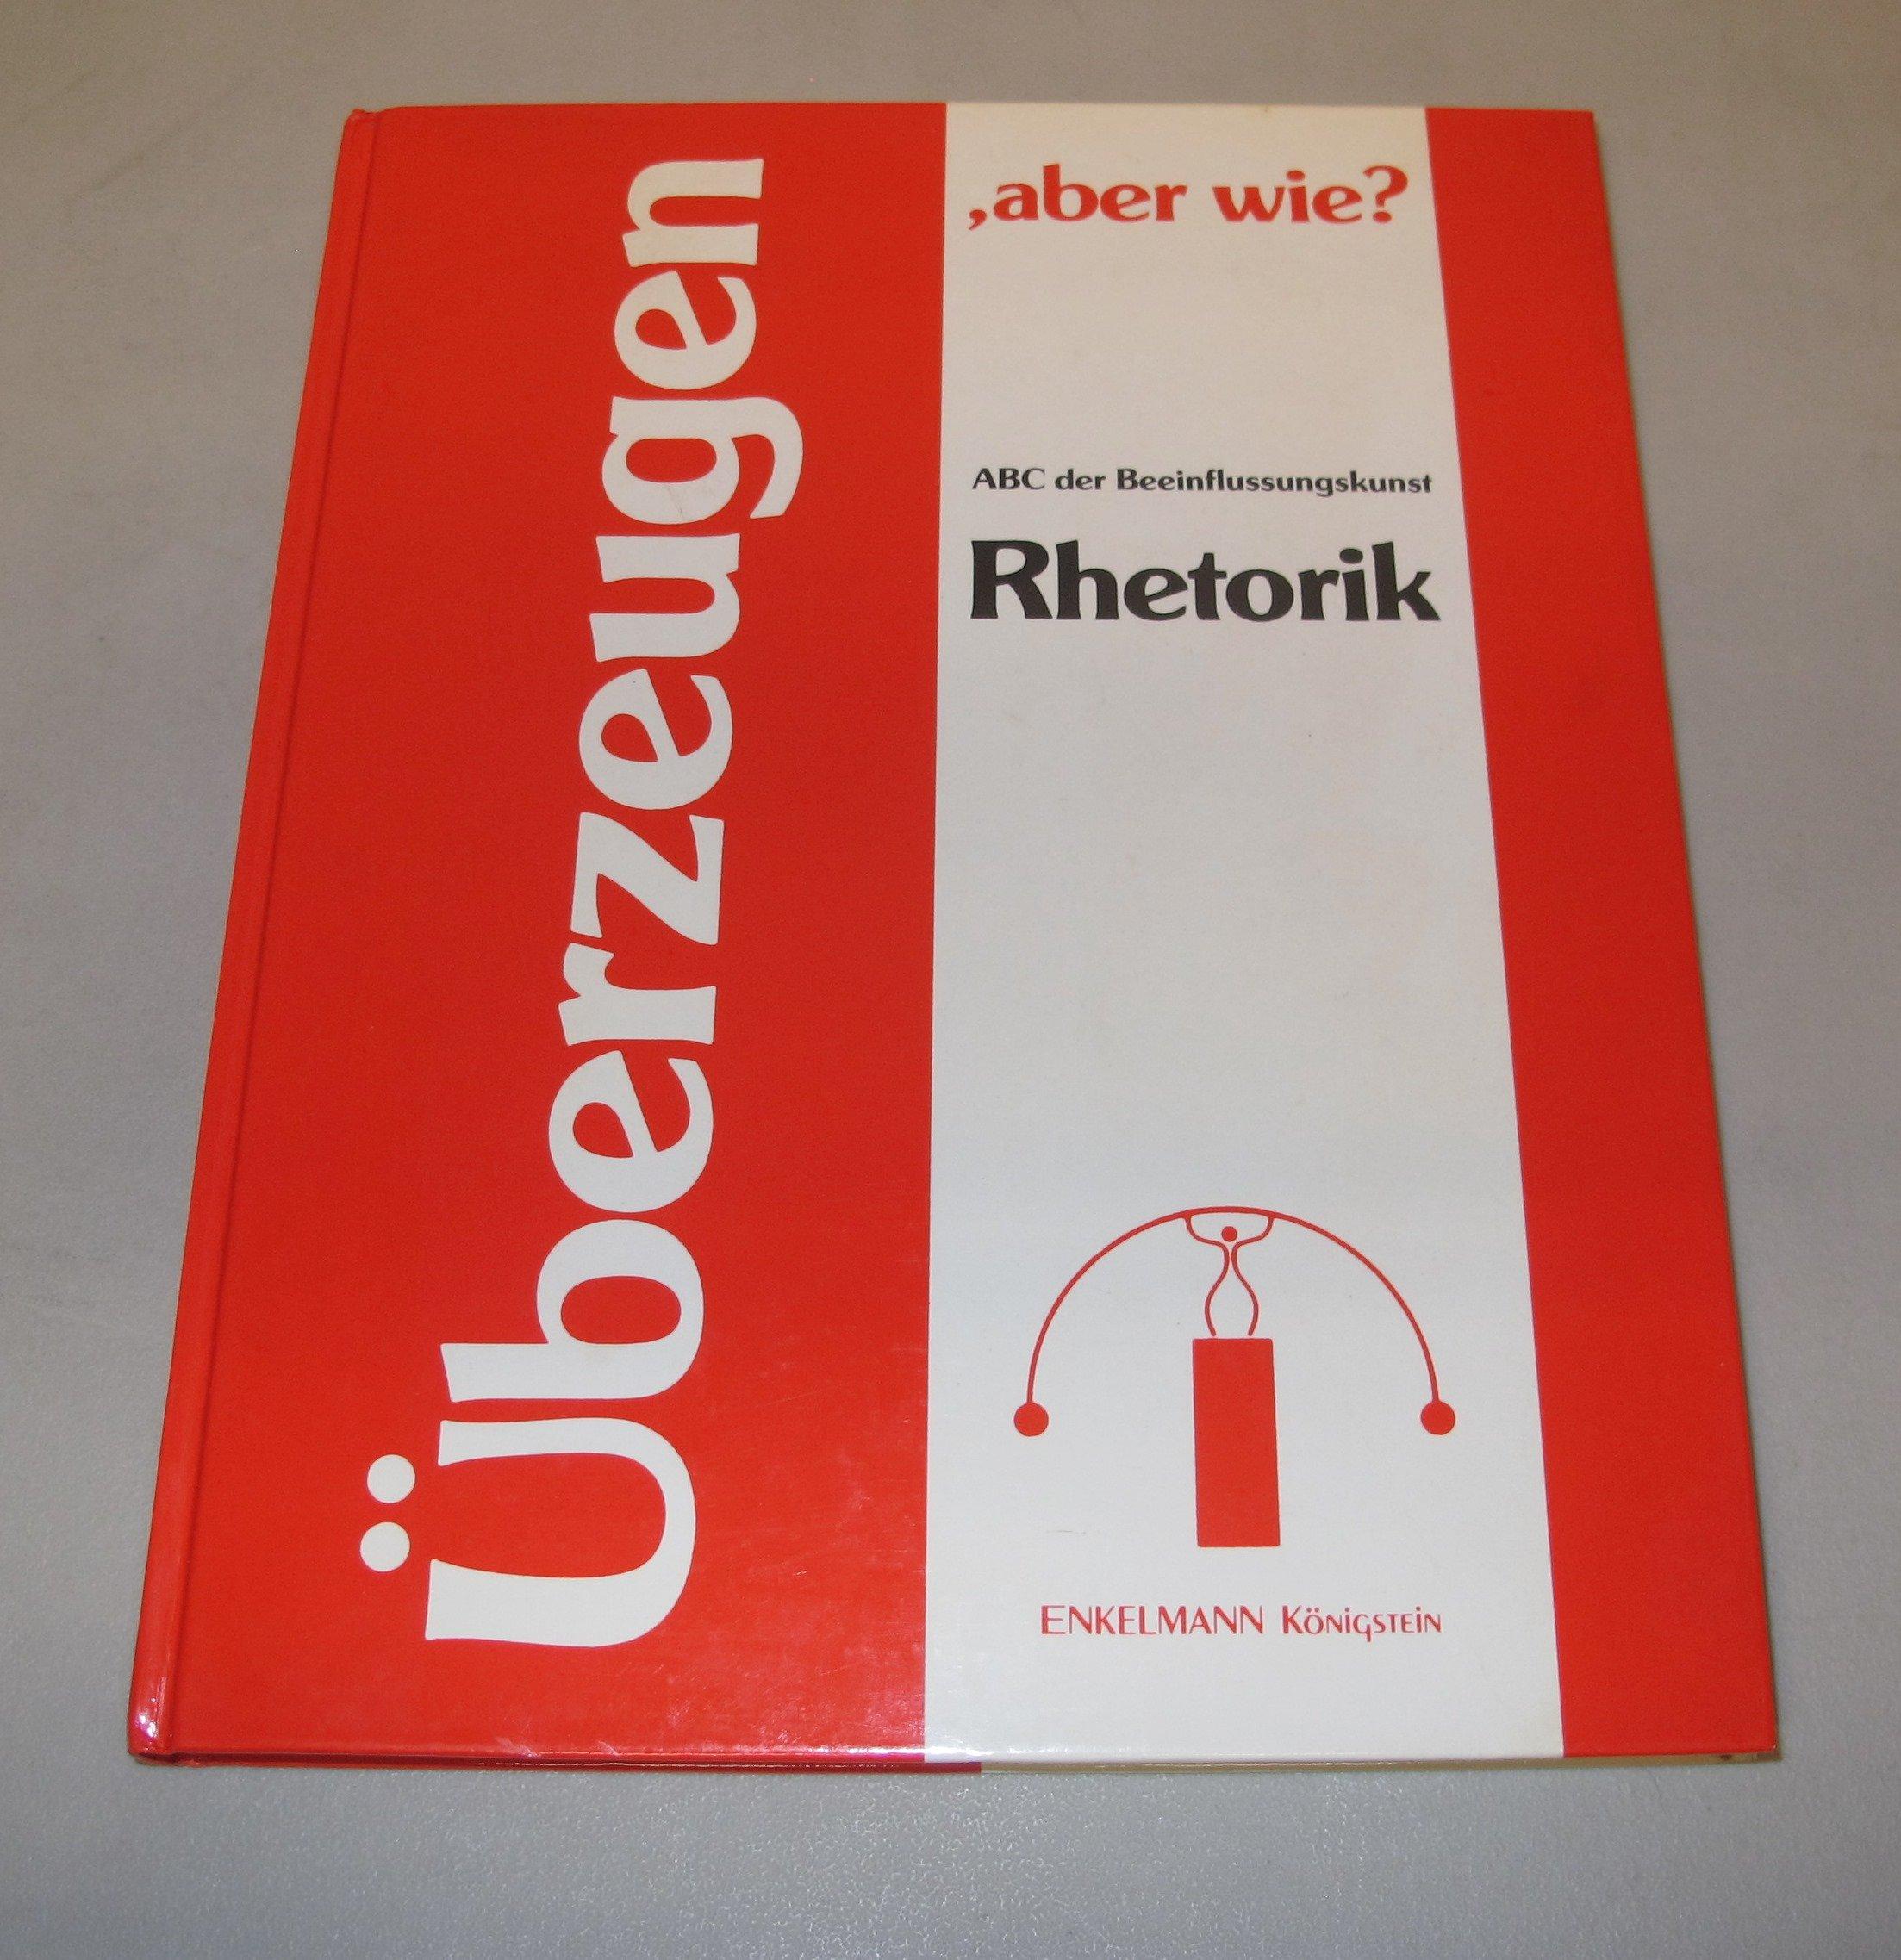 Überzeugen, aber wie? Rhetorik. ABC der Beeinflussungskunst Gebundenes Buch – April 1993 Nikolaus B. Enkelmann Überzeugen Jahn u. Ernst Hbg.